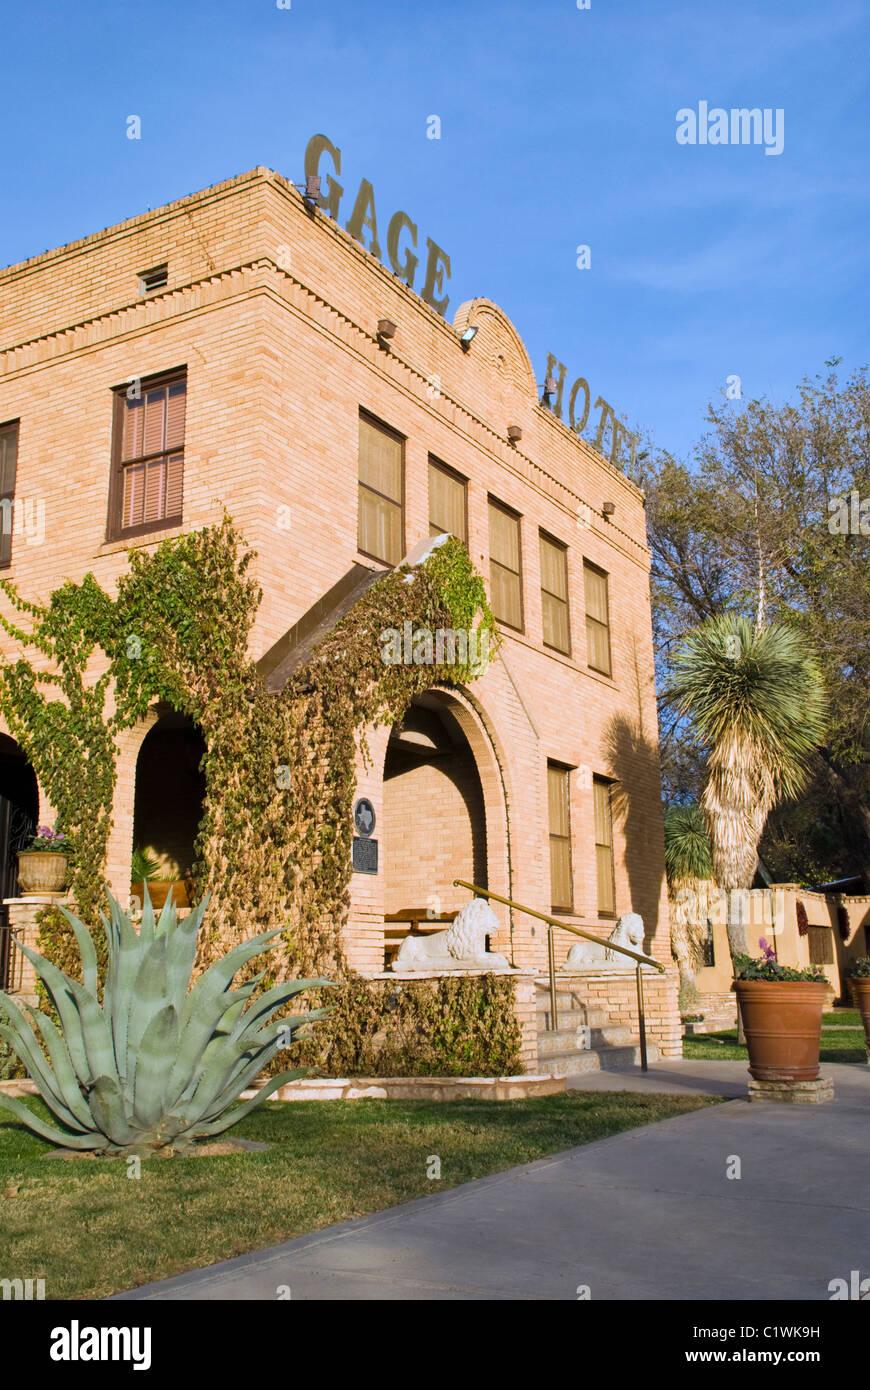 La storica Gage Hotel, una volta la residenza privata di cattleman e banchiere Alfred Gage, ora ospita i visitatori Immagini Stock